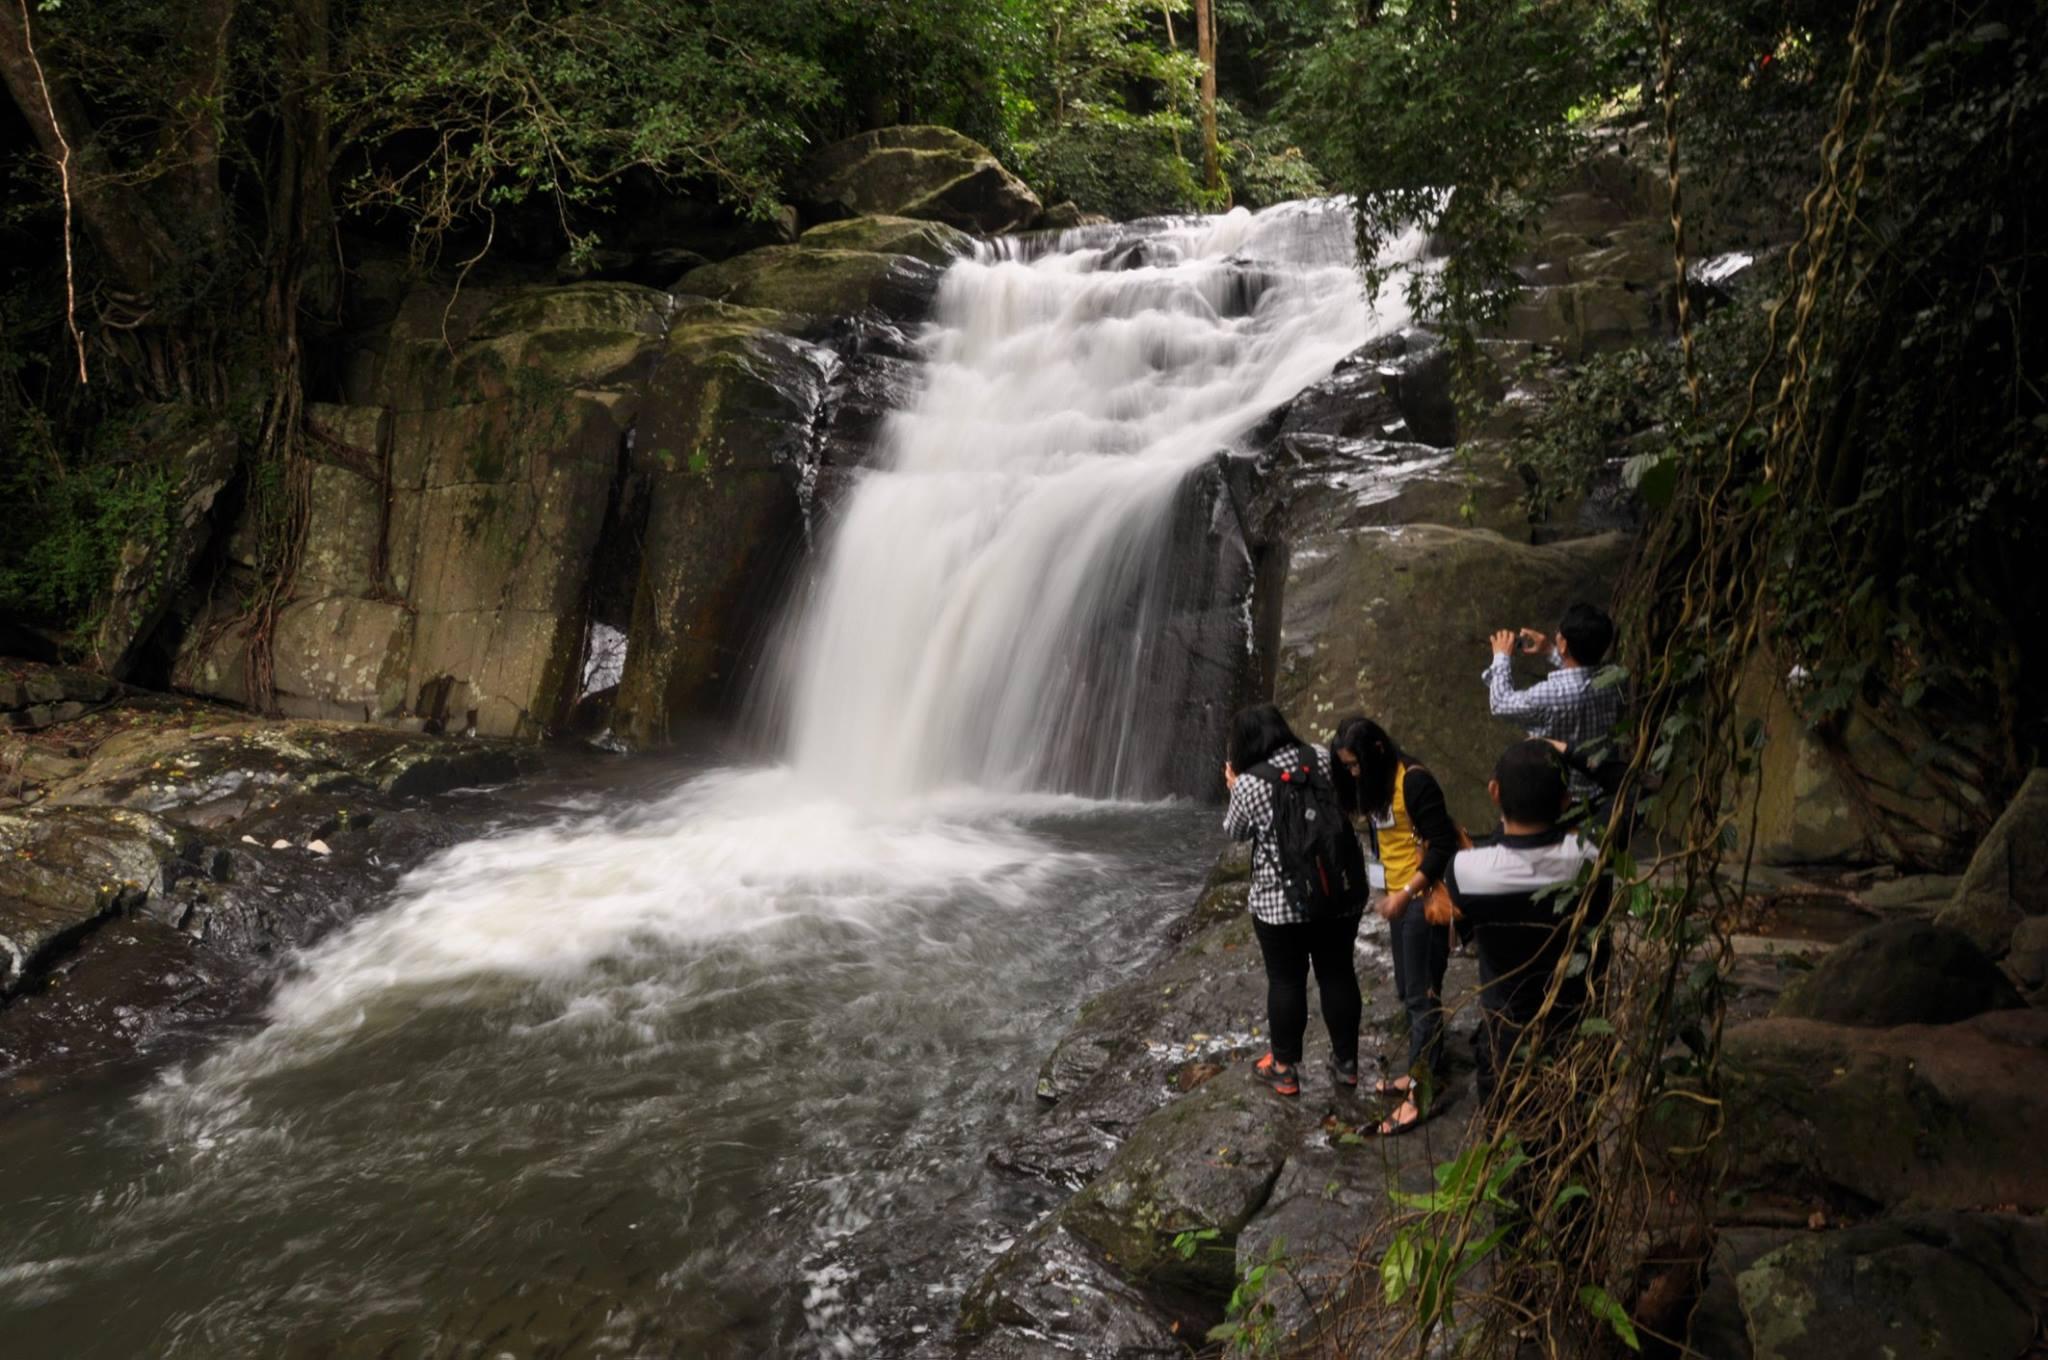 เที่ยวคนเดียว สถานที่ท่องเที่ยวไทย ท่องเที่ยวไทย 40 อันดับ ที่เที่ยวไทย